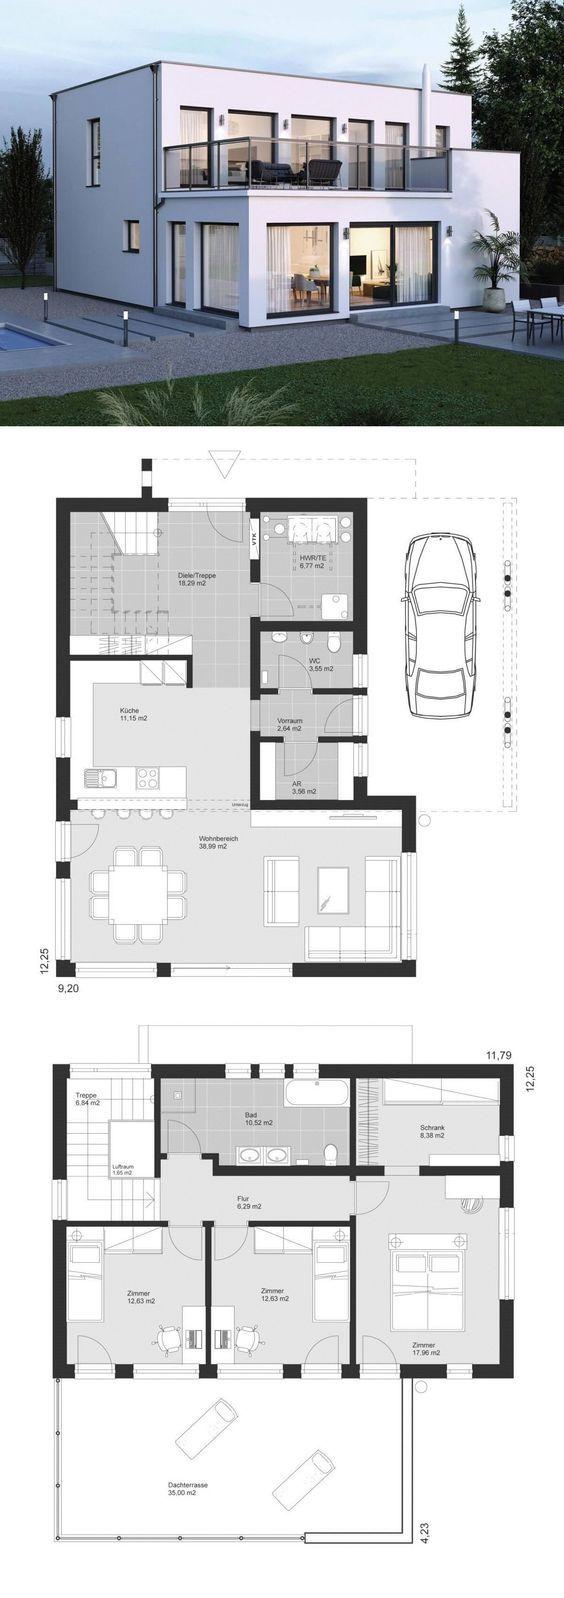 Exquisit Dachterrasse Auf Flachdach Bauen Das Beste Von Moderne Stadtvilla Architektur Im Stil Mit Flachdach,